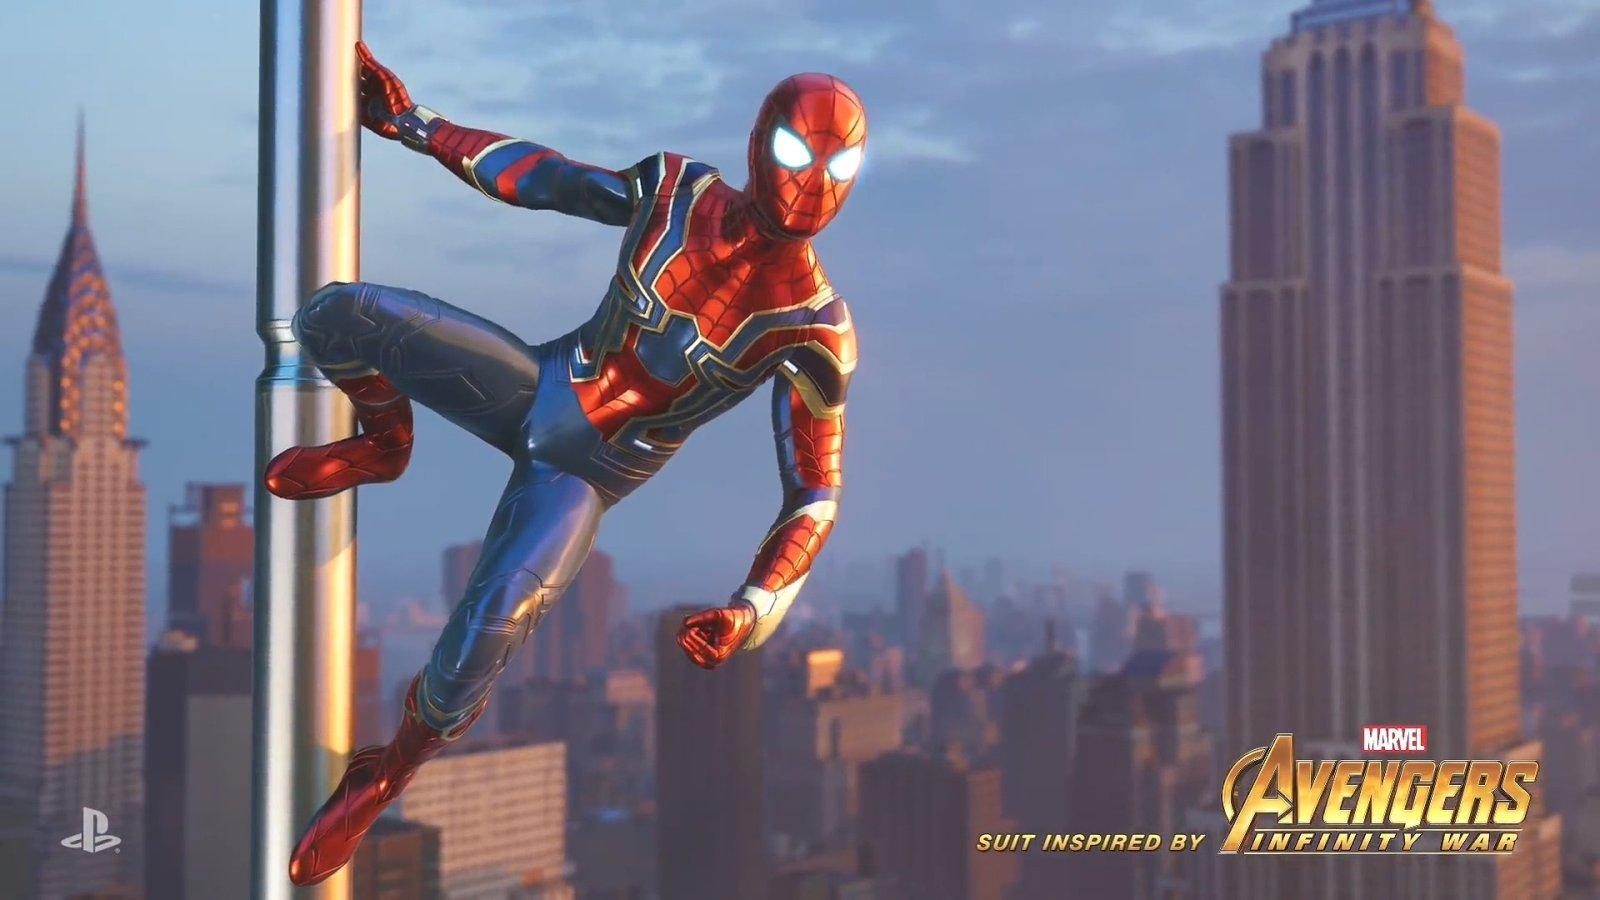 游戏《蜘蛛侠》联动《复仇者联盟3》,电影版钢铁侠定制作战服公开